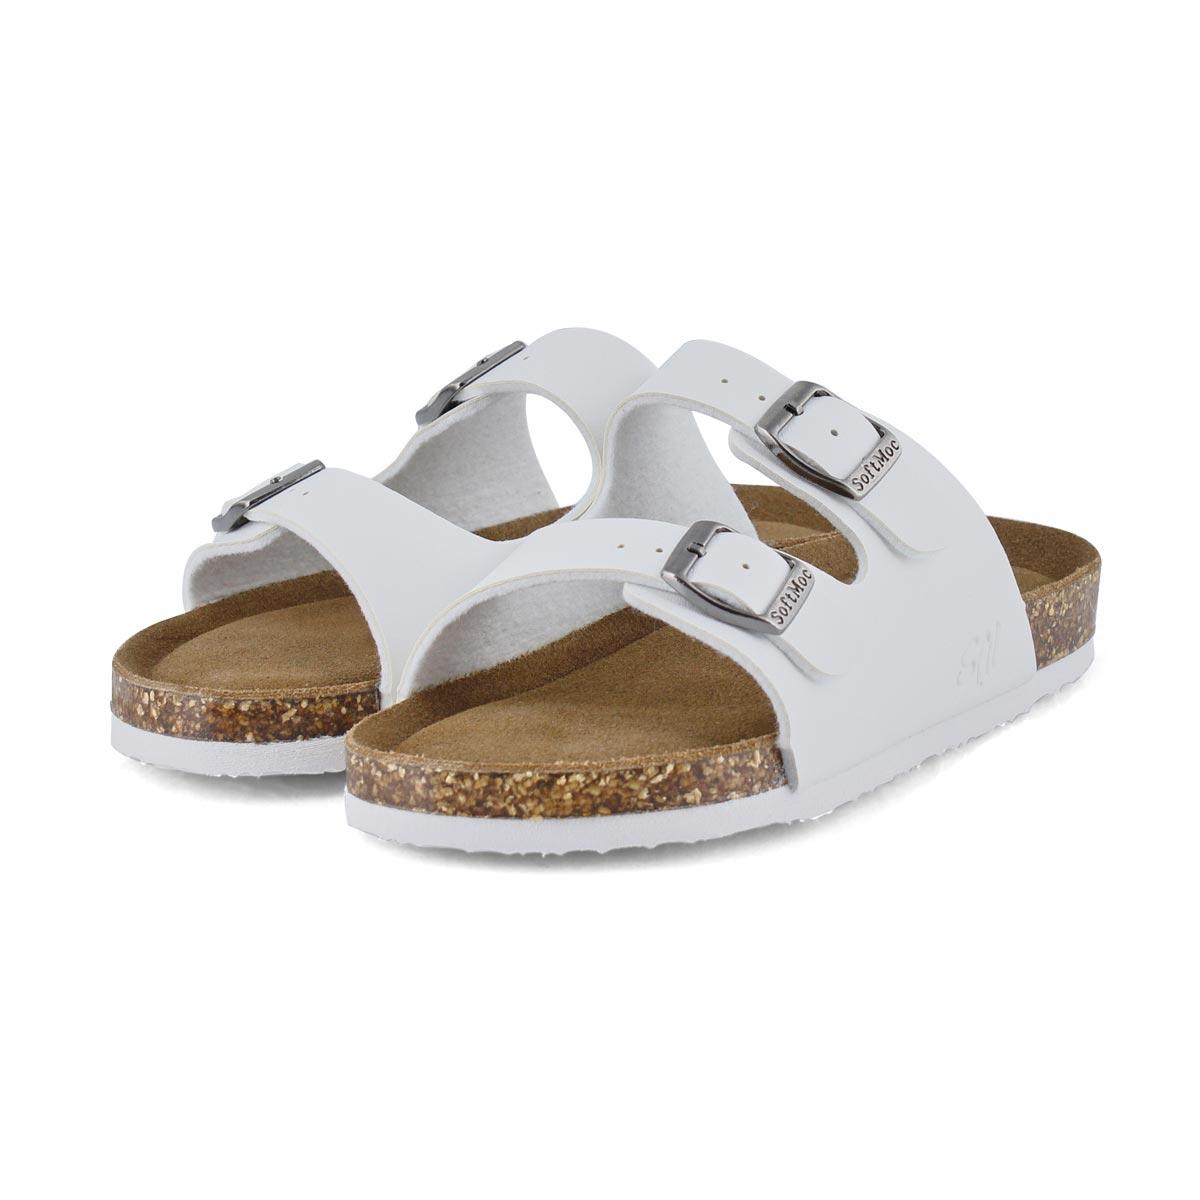 Sandales mousse mémoire ALBERTA 6, blanc, enfants